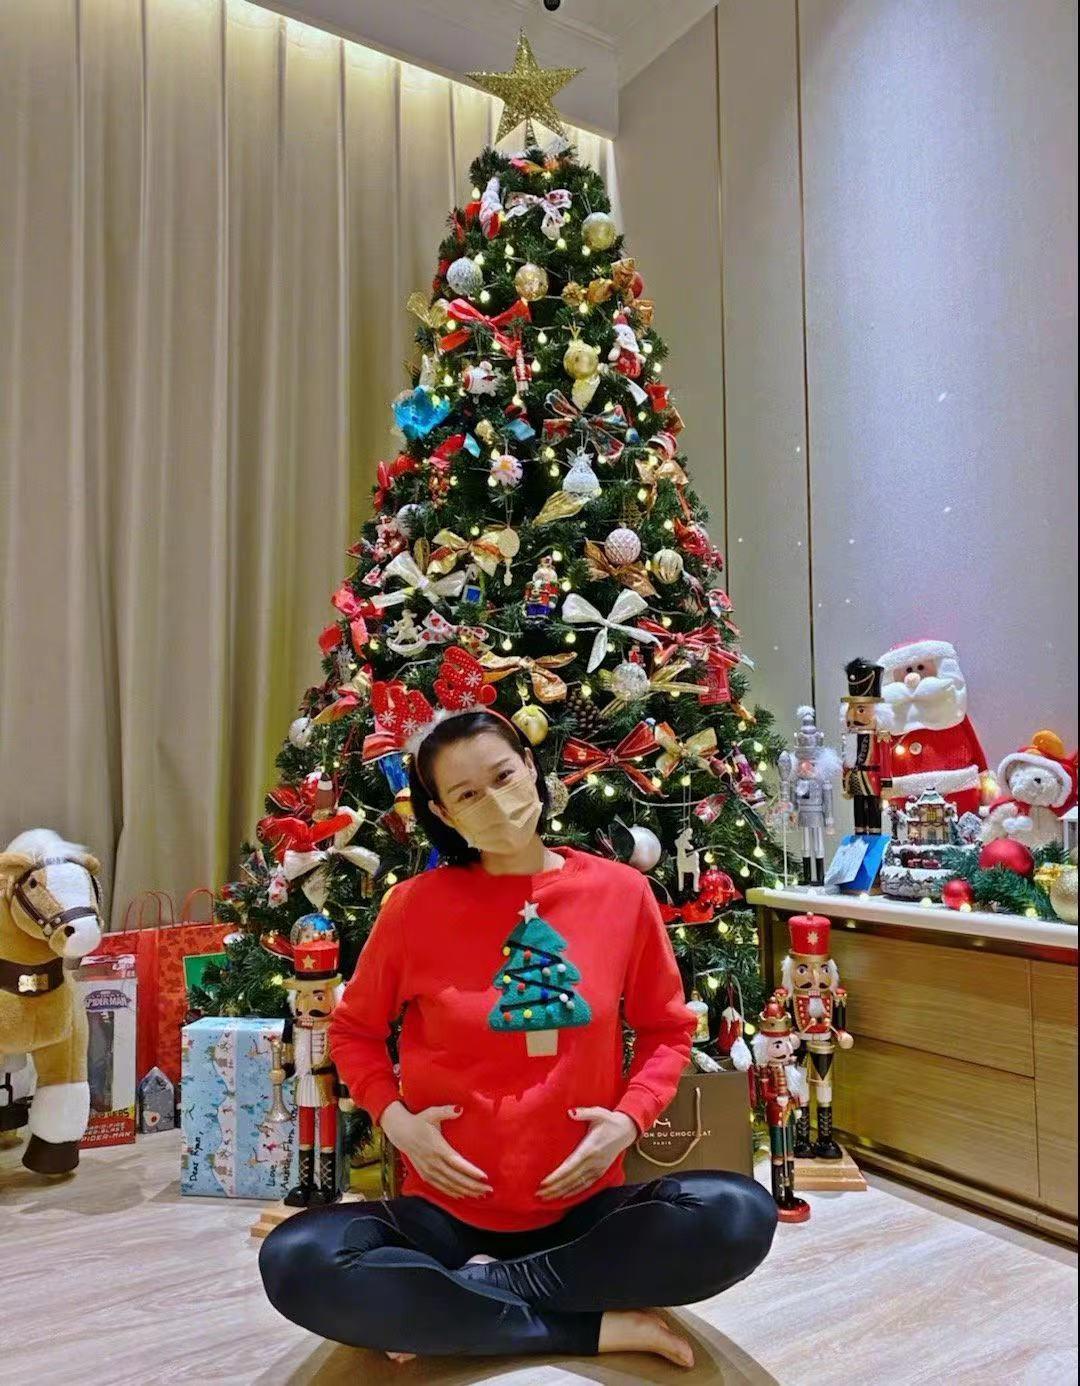 自曝怀三胎,家庭事业两手抓,三次孕期都在工作,好友孙俪送祝福